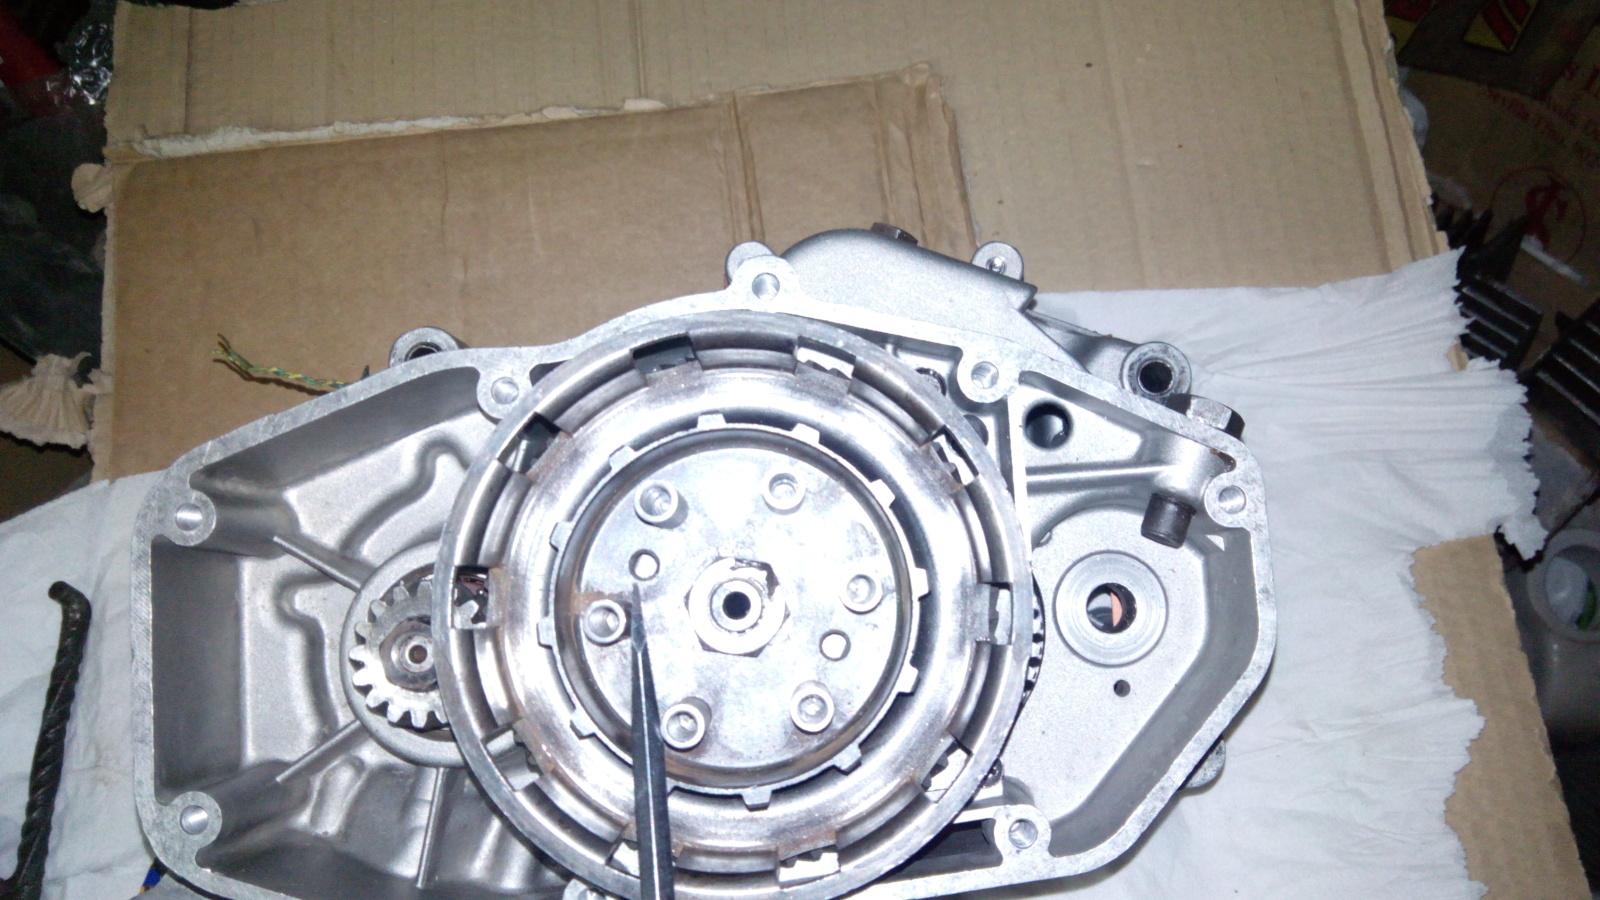 encendido - Mejoras en motores P3 P4 RV4 DL P6 K6... - Página 6 14imjv6